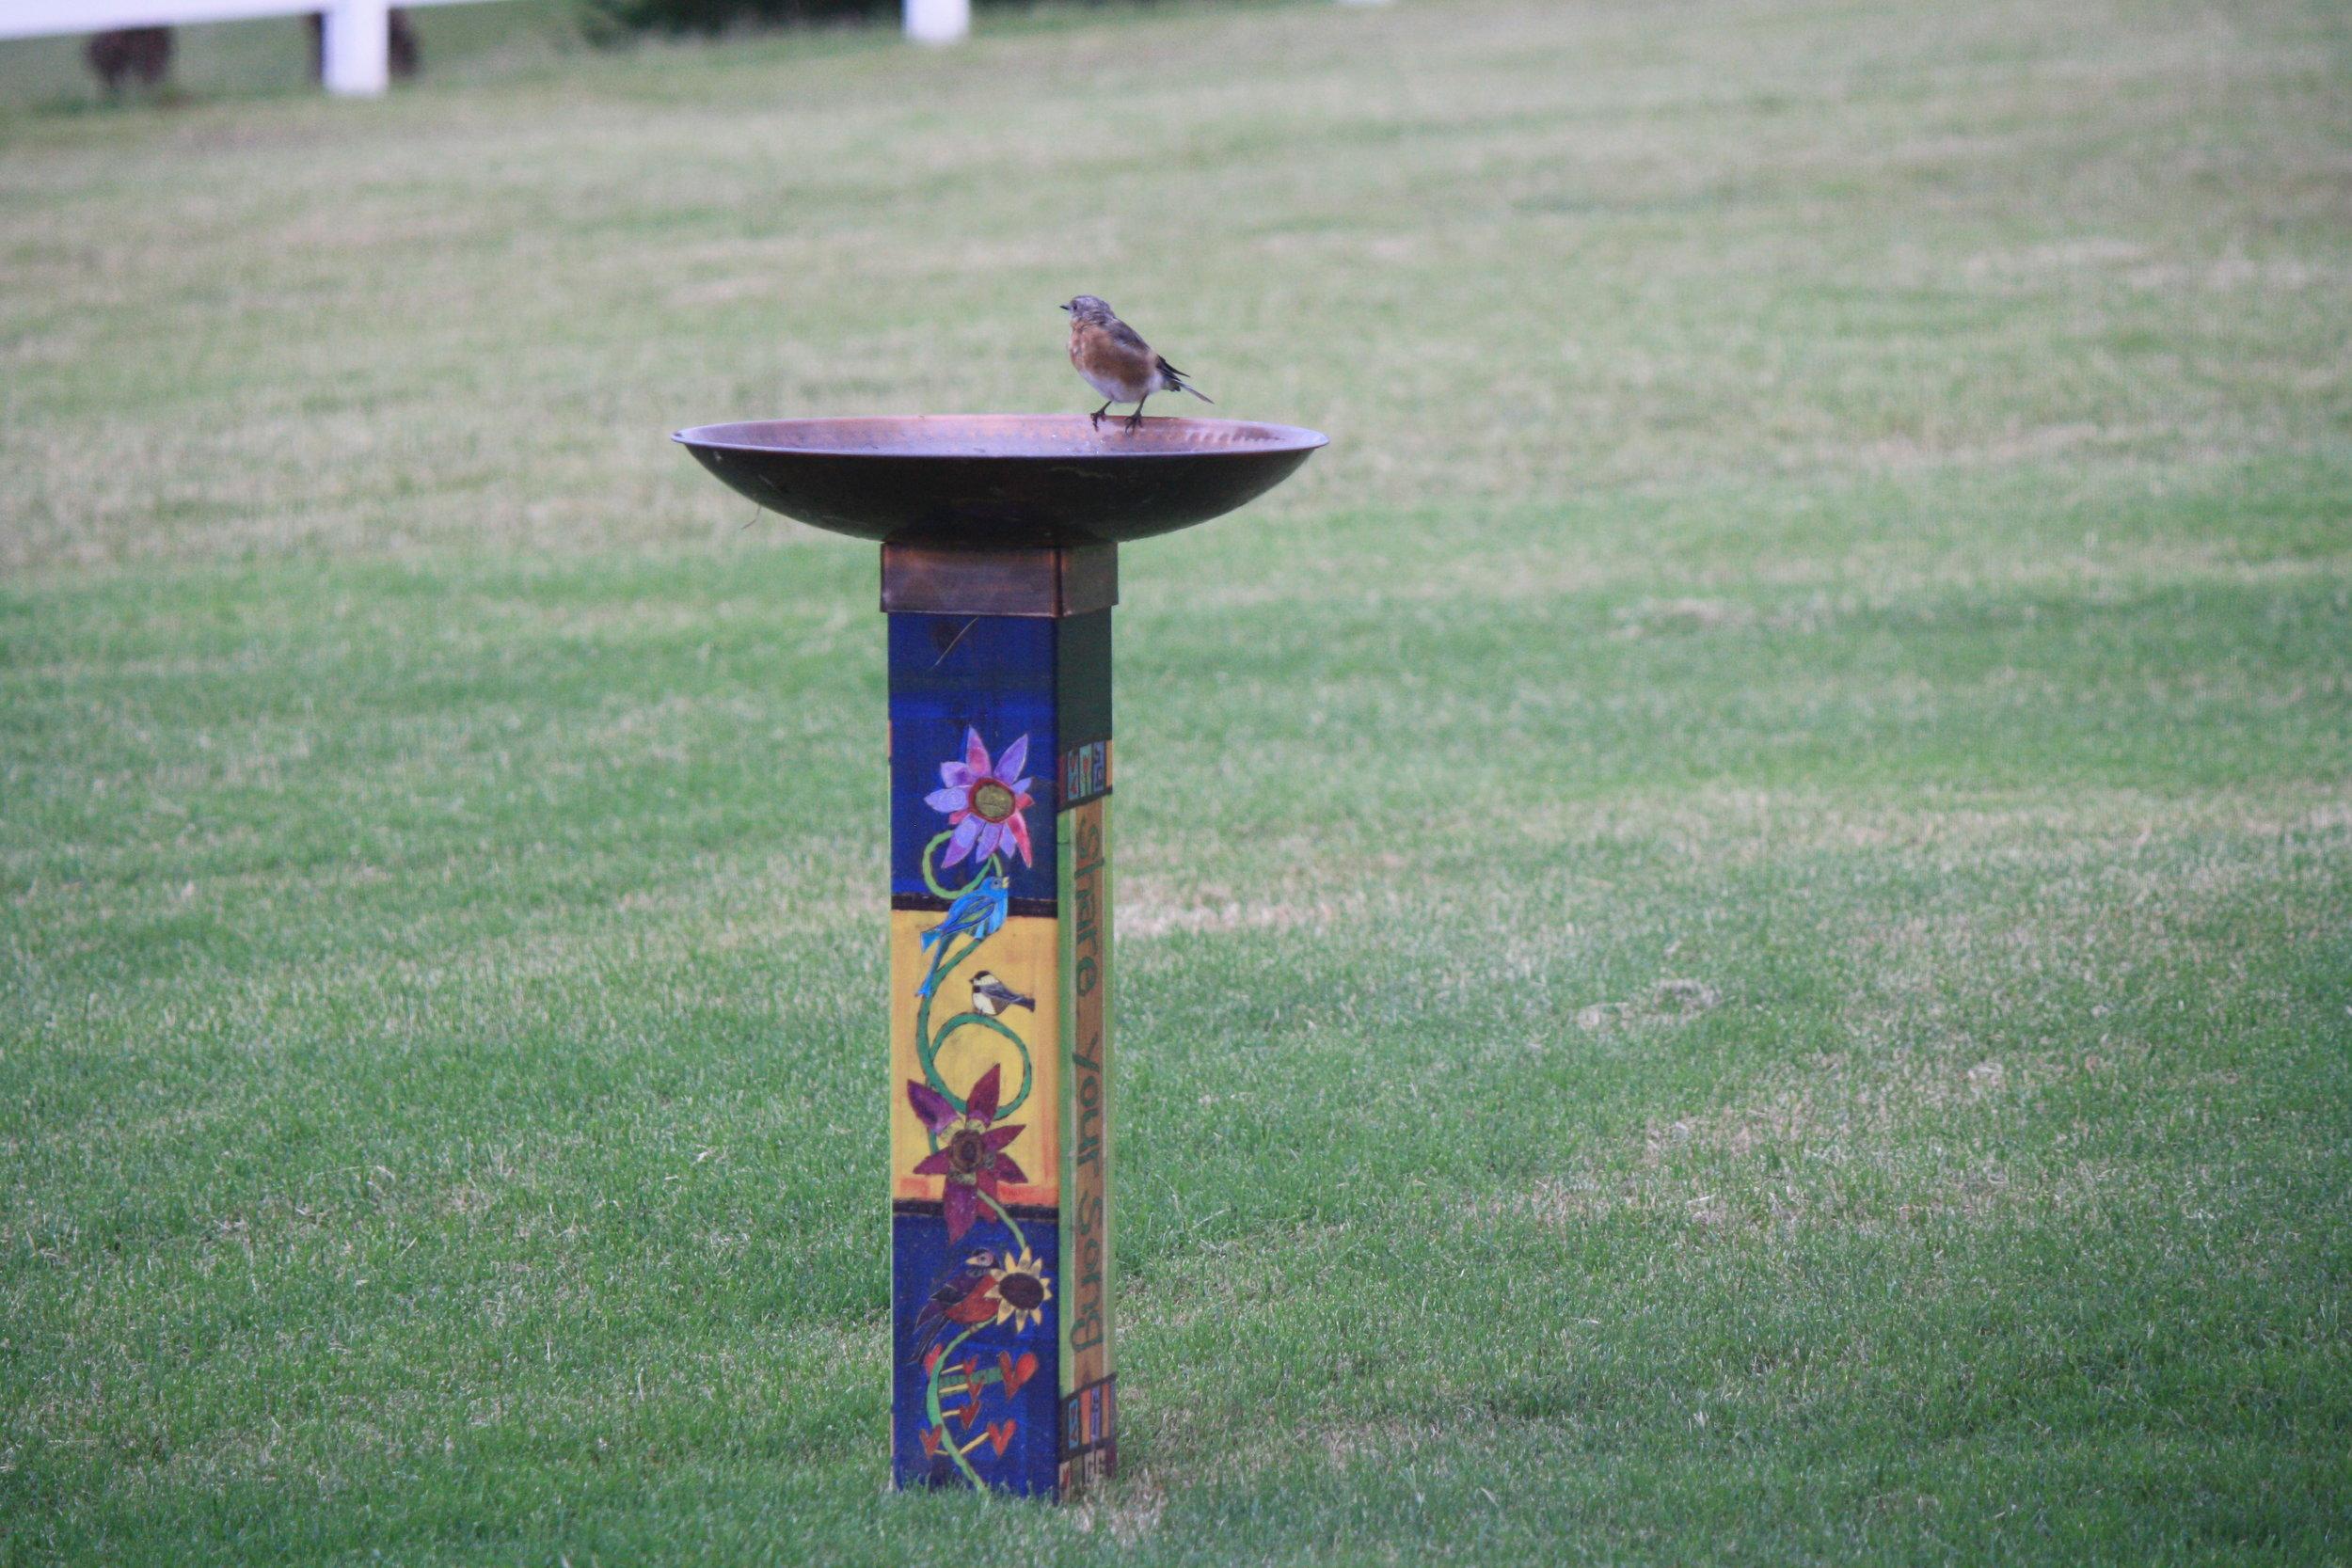 American Female Robin getting a drink from the birdbath